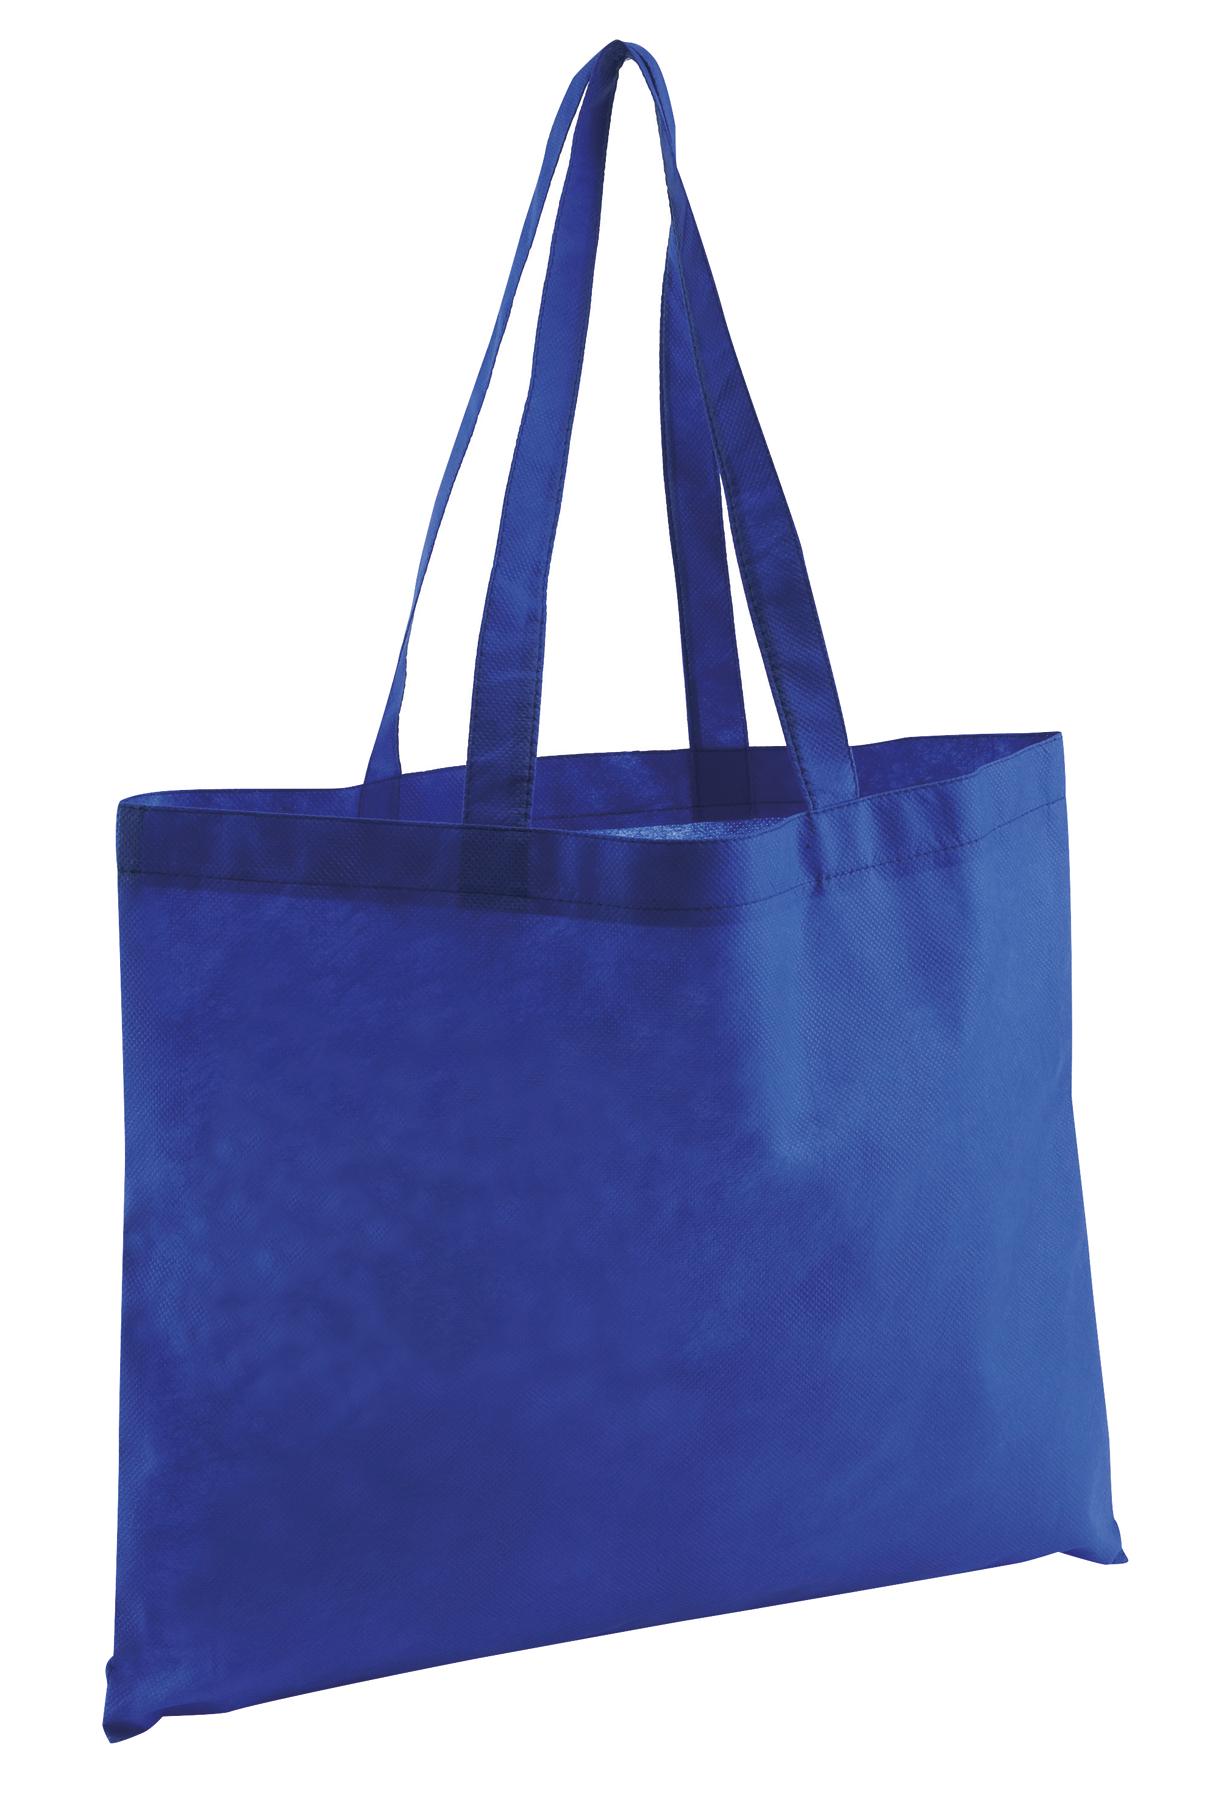 Torba na zakupy MARKET, niebieski